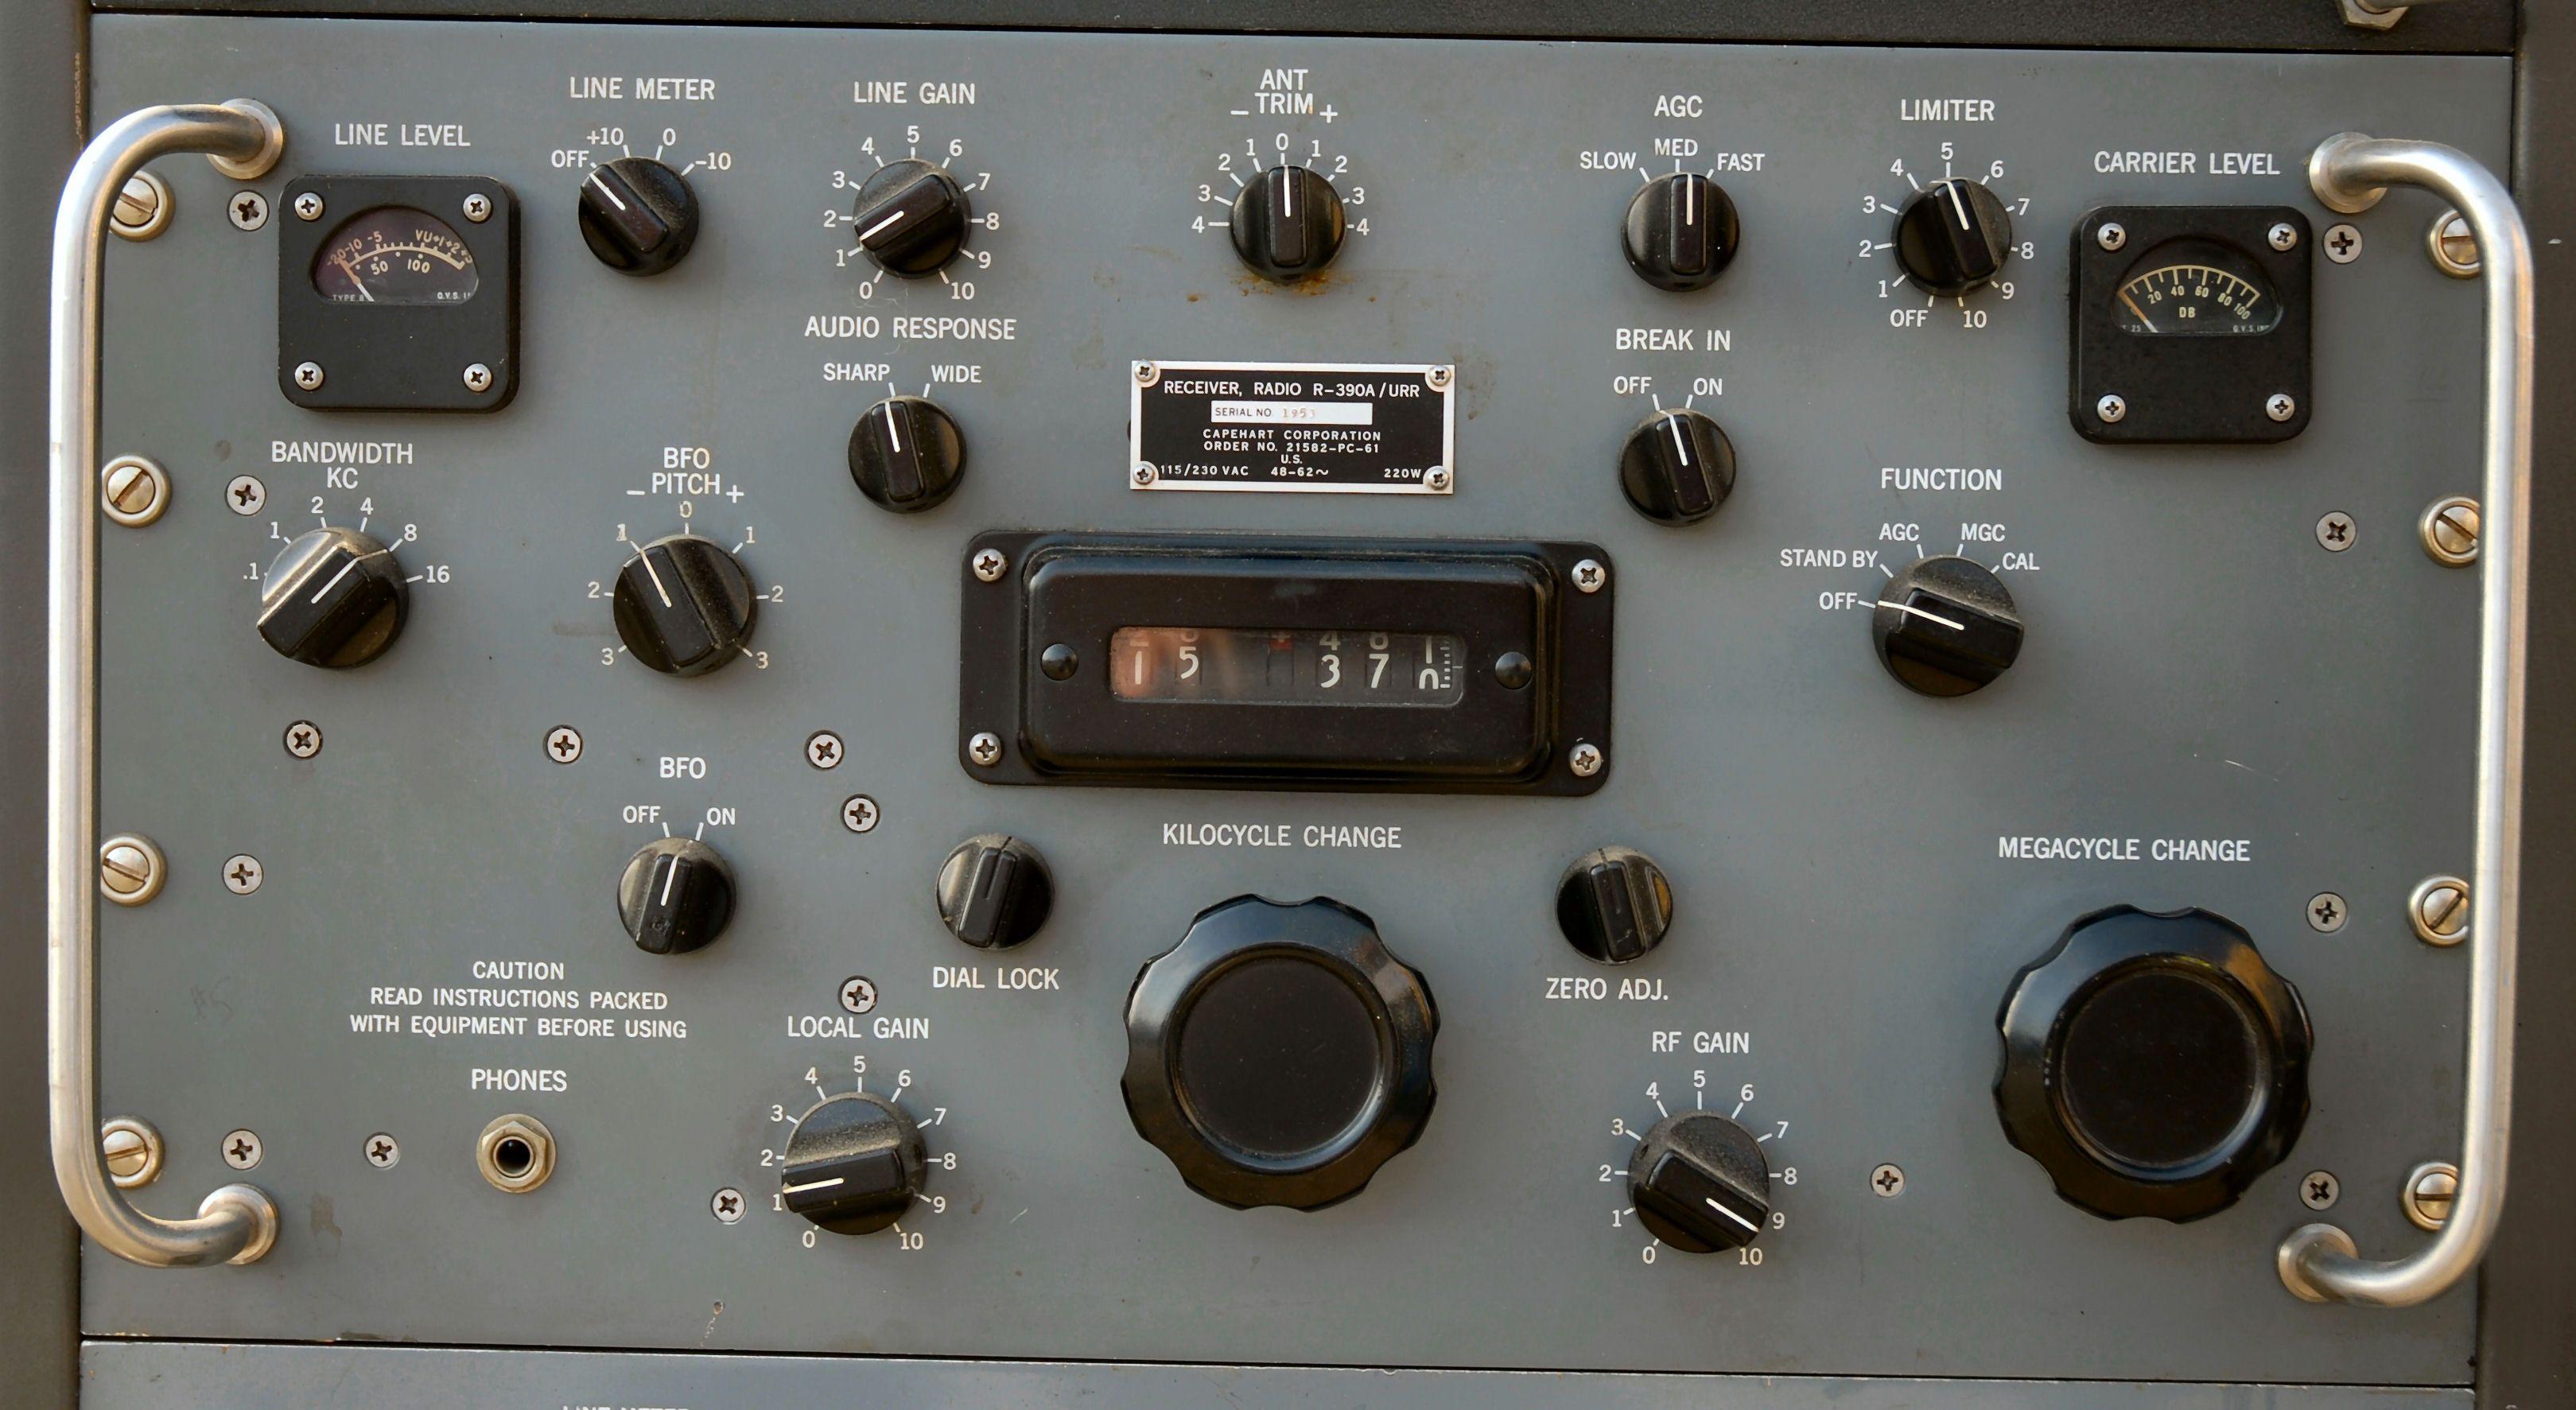 CollinsR-390A